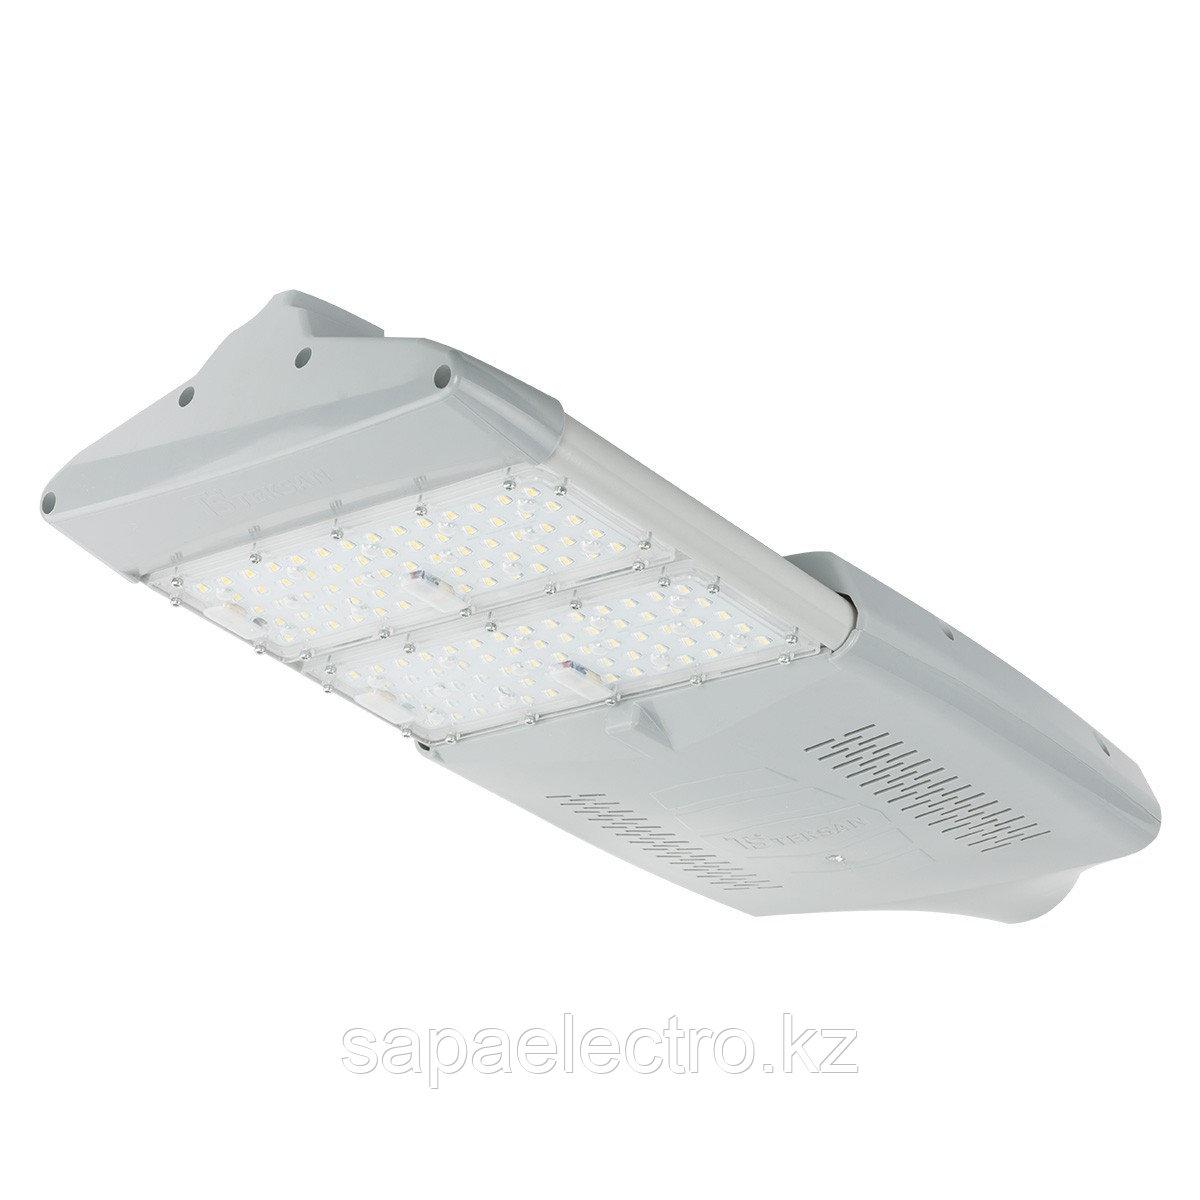 Свет-к RKU LED SMART 1*60W с гербоксом (3 года гара